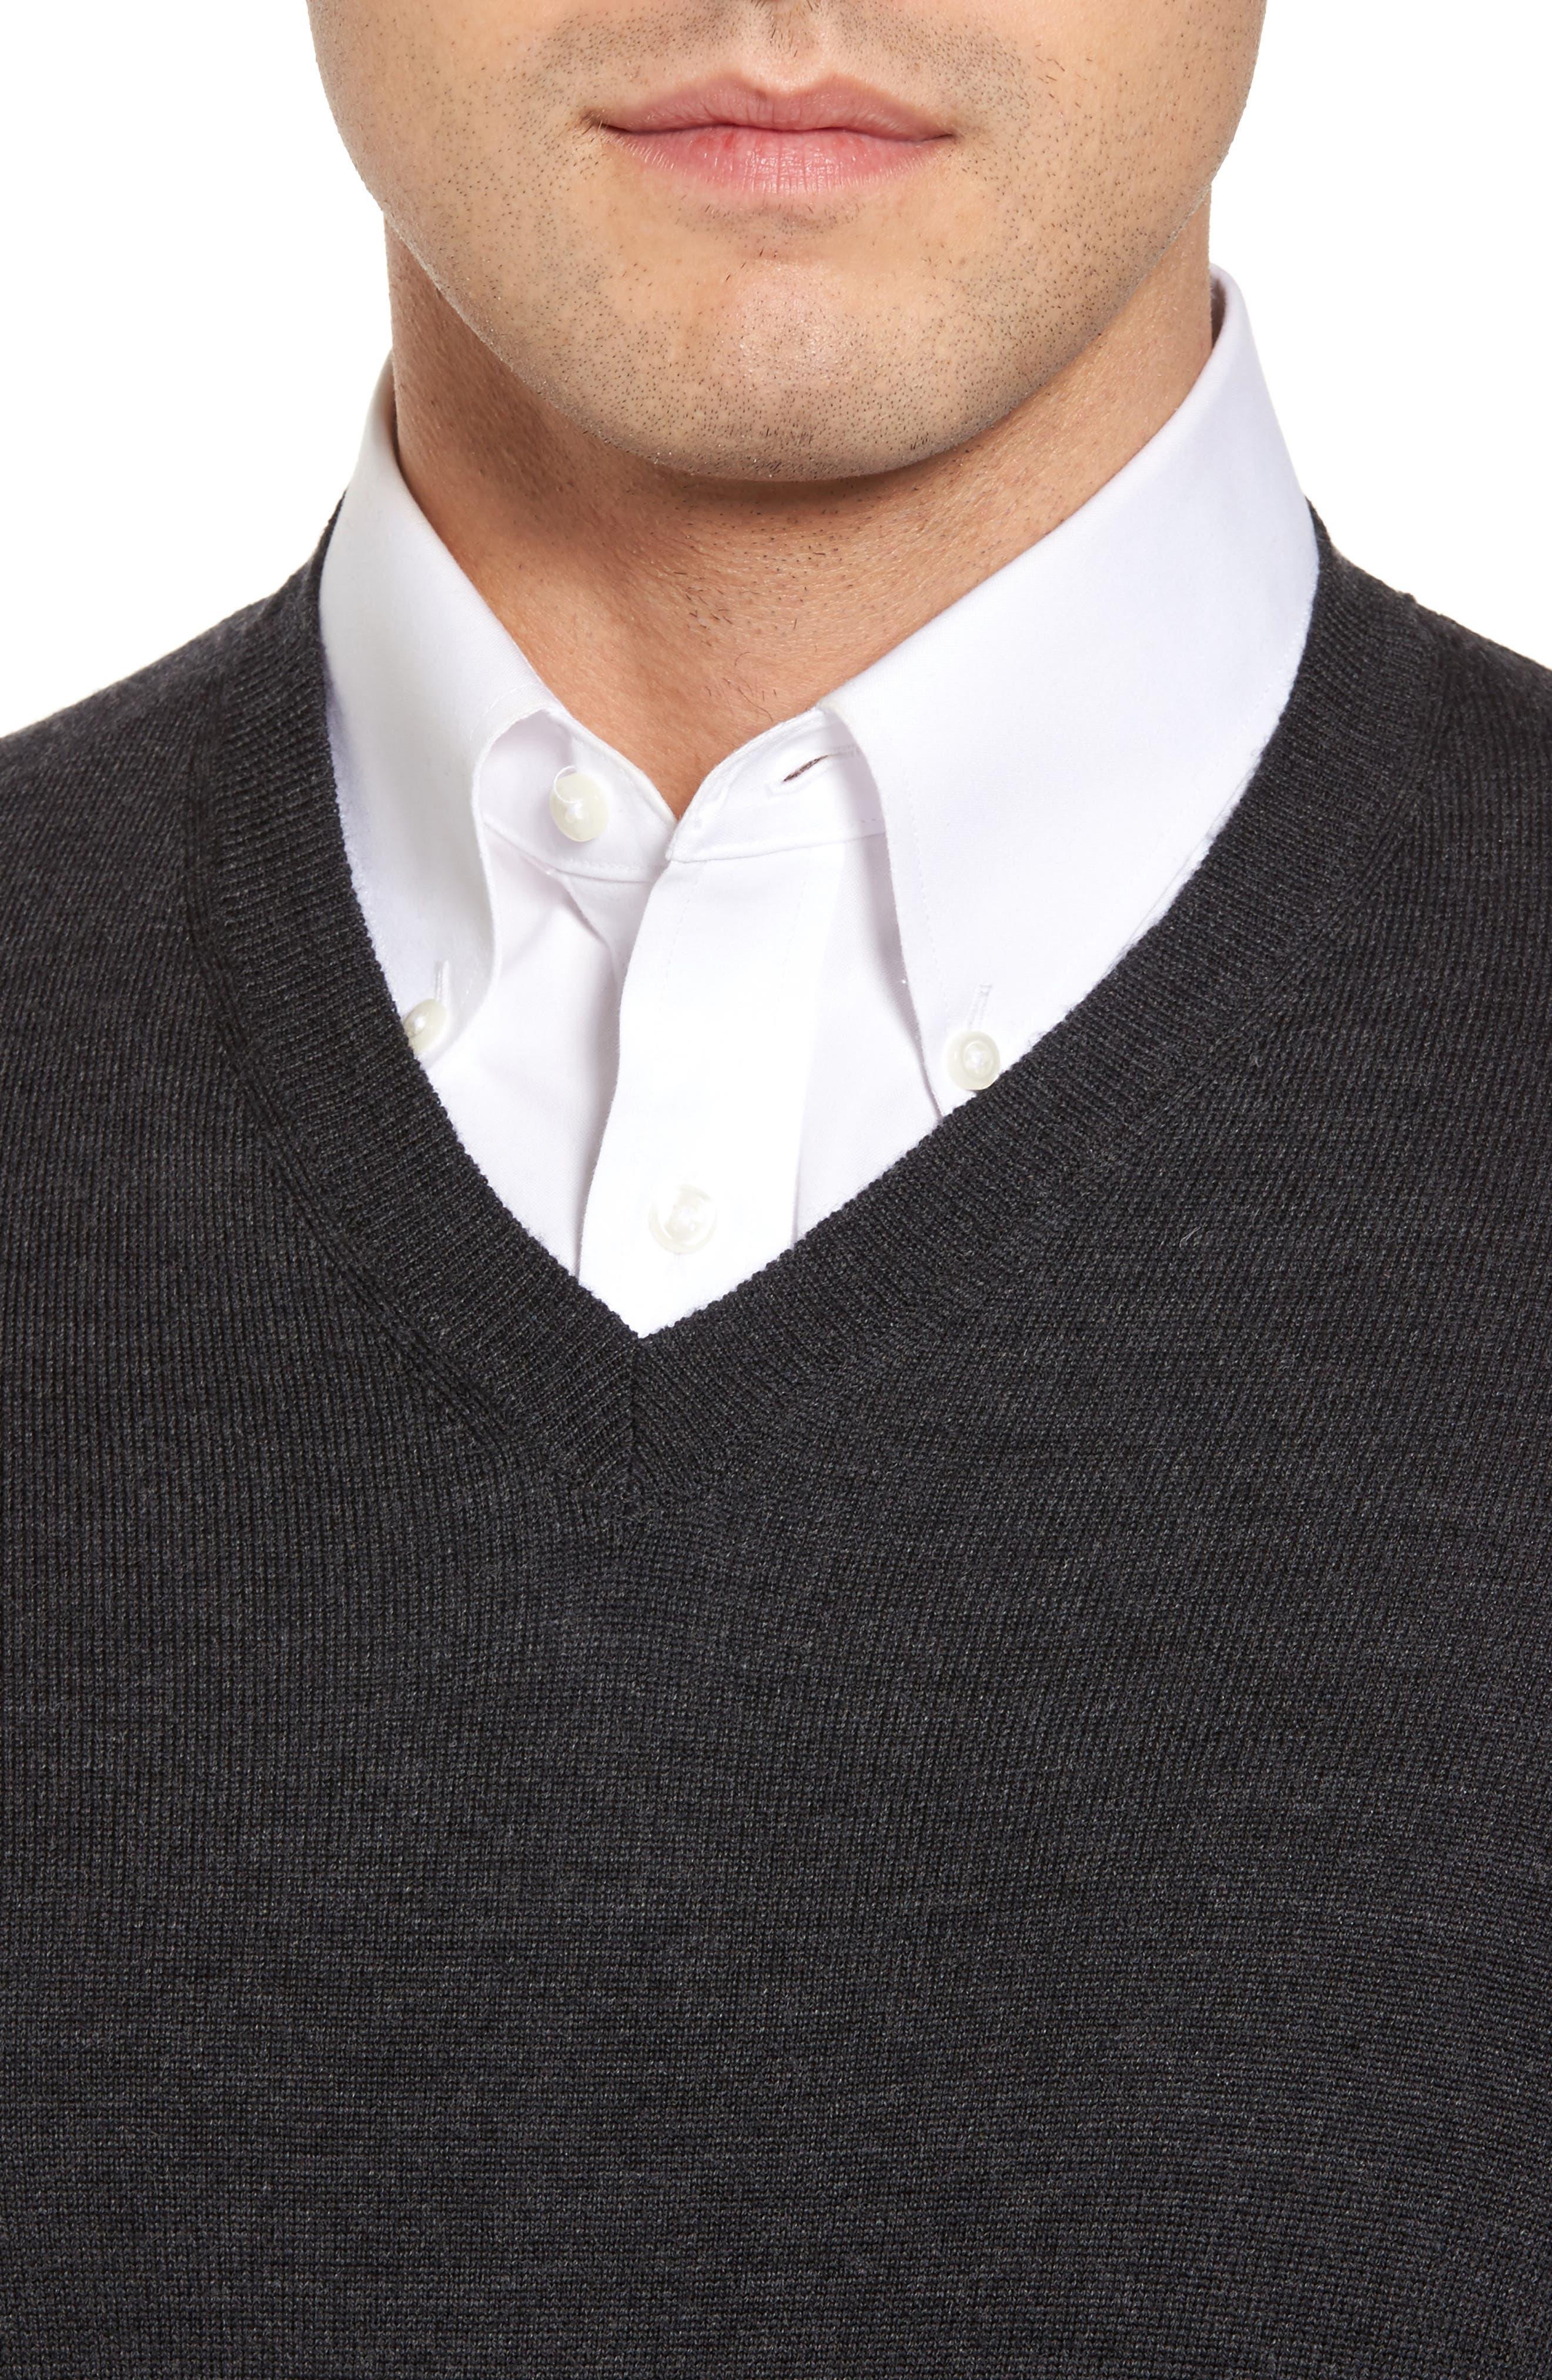 Merino Wool Blend V-Neck Sweater,                             Alternate thumbnail 4, color,                             020